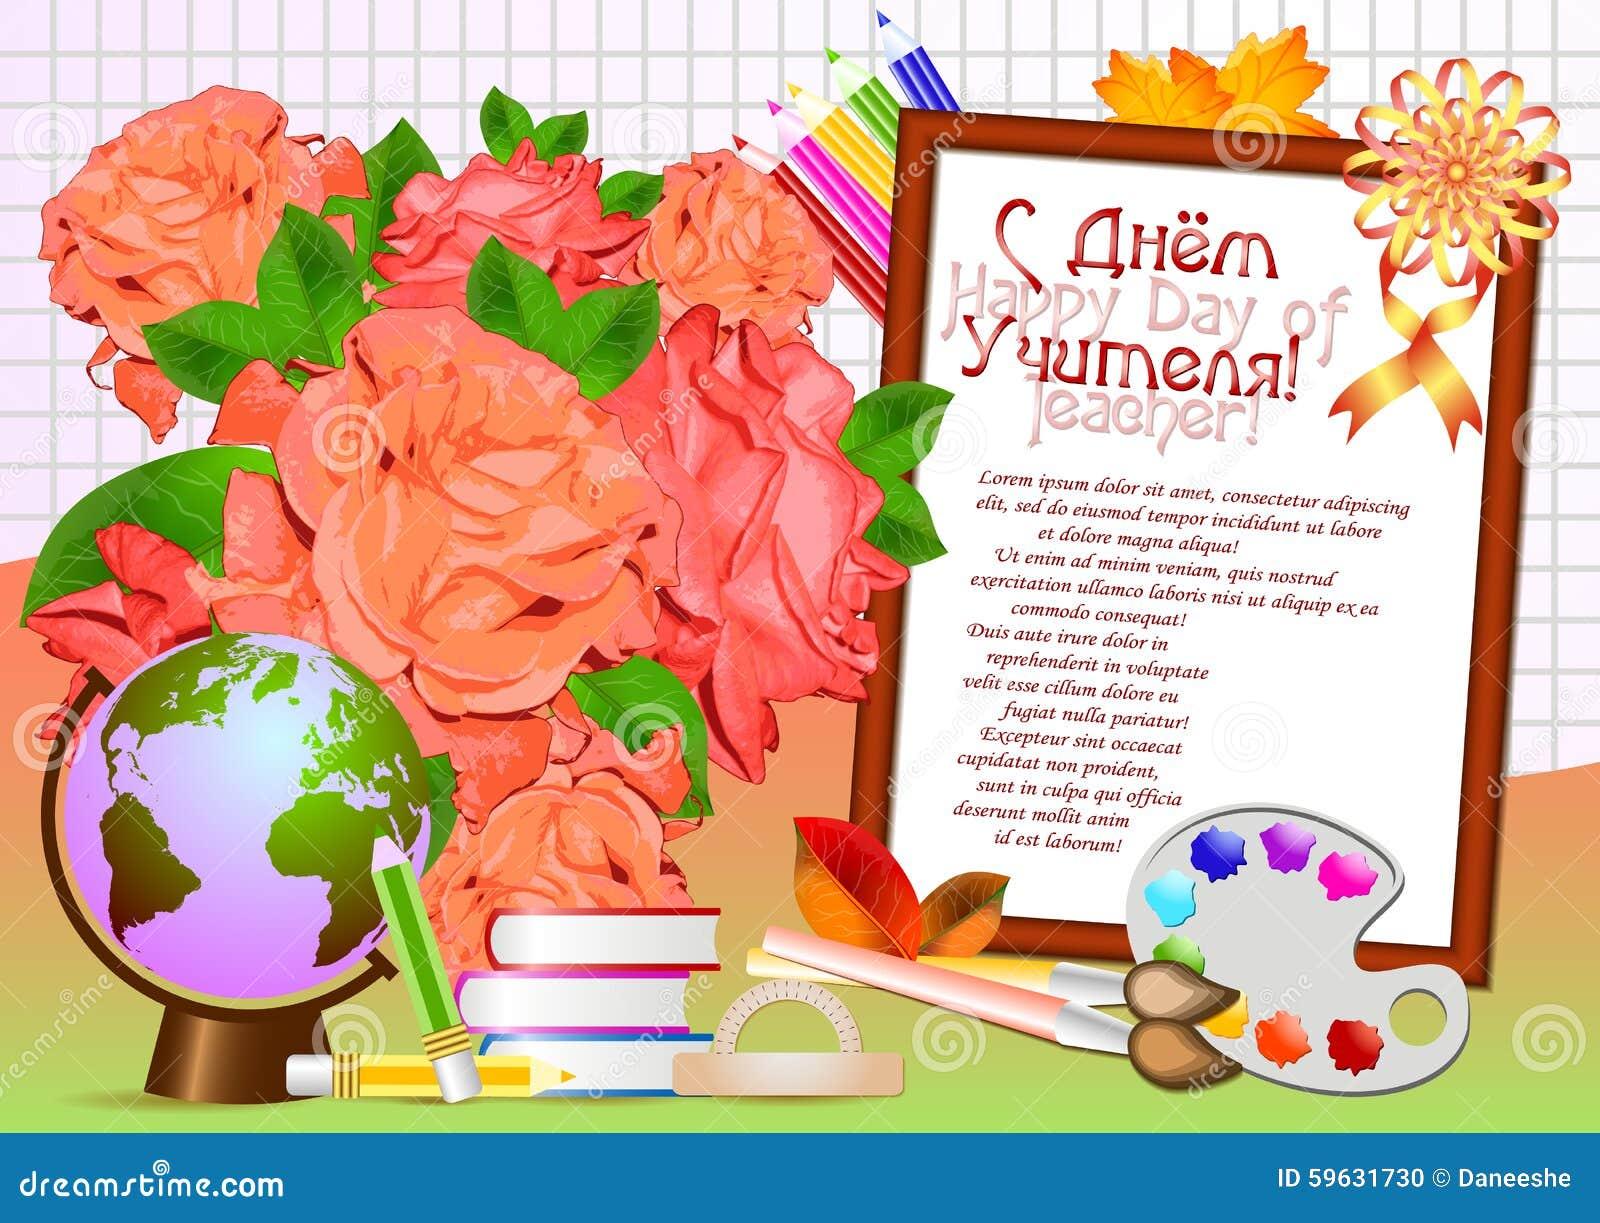 Музыкальные, открытка ко дню учителя на а3 ваза с цветами и пожеланиями